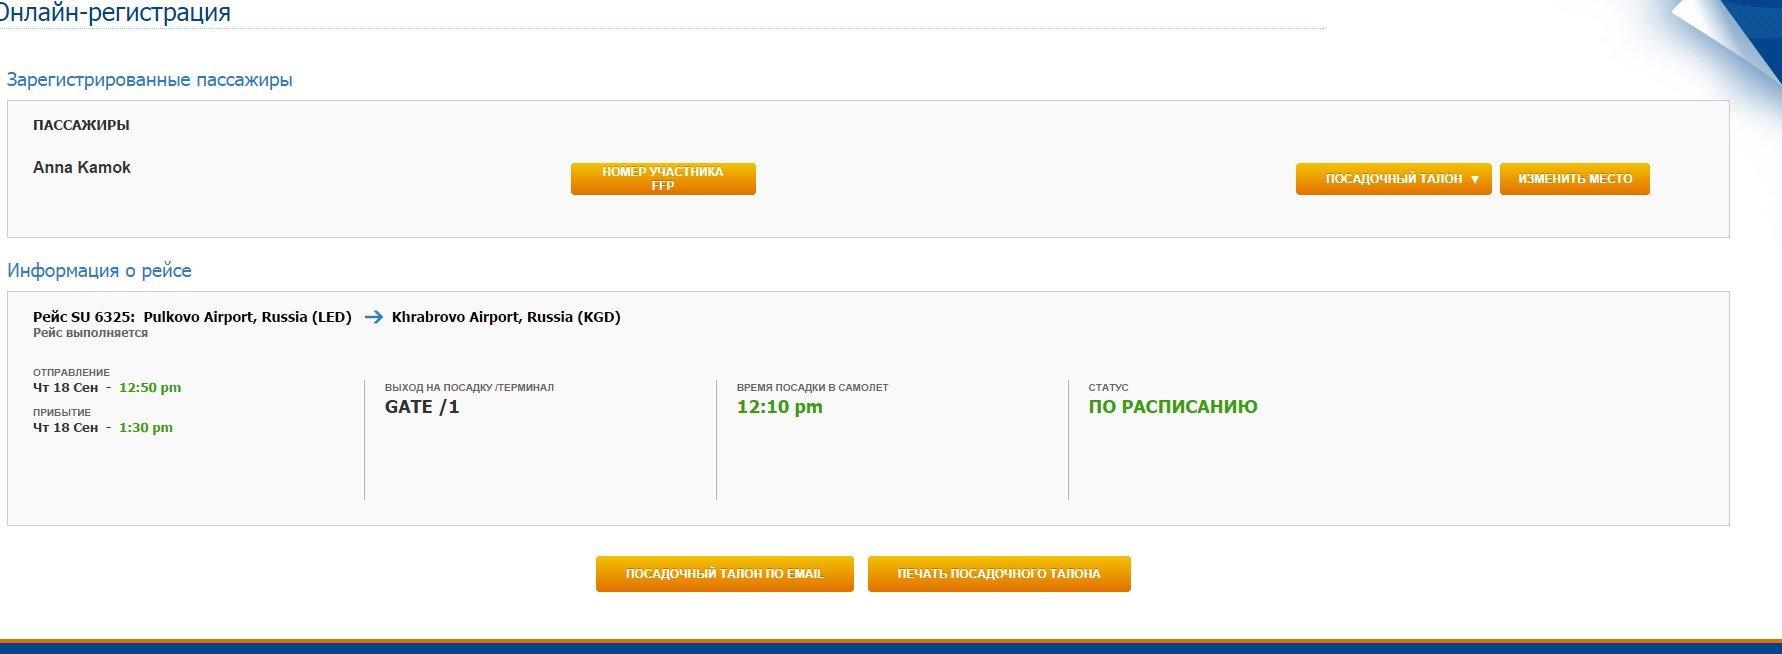 онлайн-регистрация Аэрофлот посадочный талон